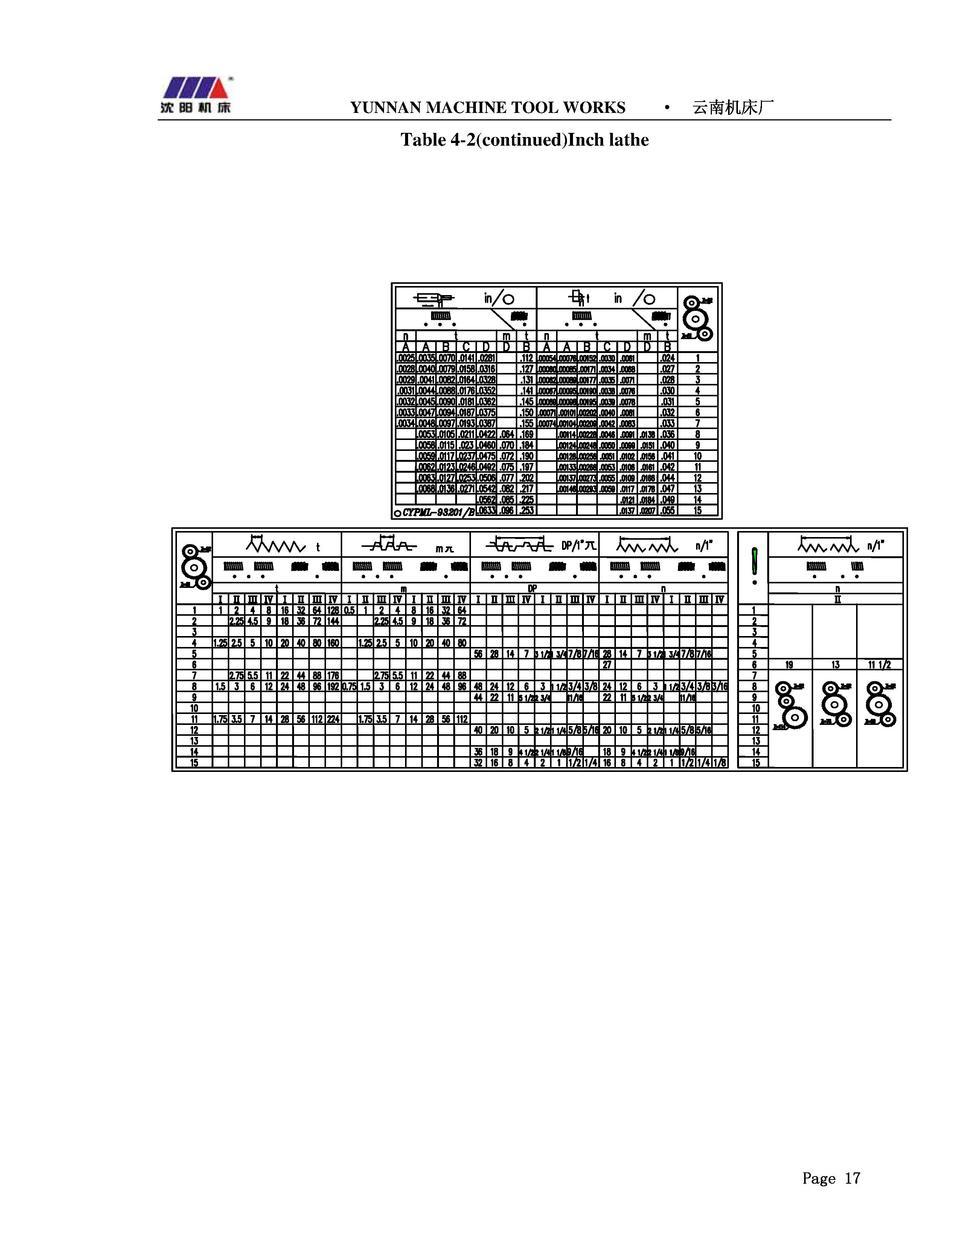 Manual: Yunnan CYPML Lathe : simplebooklet.com